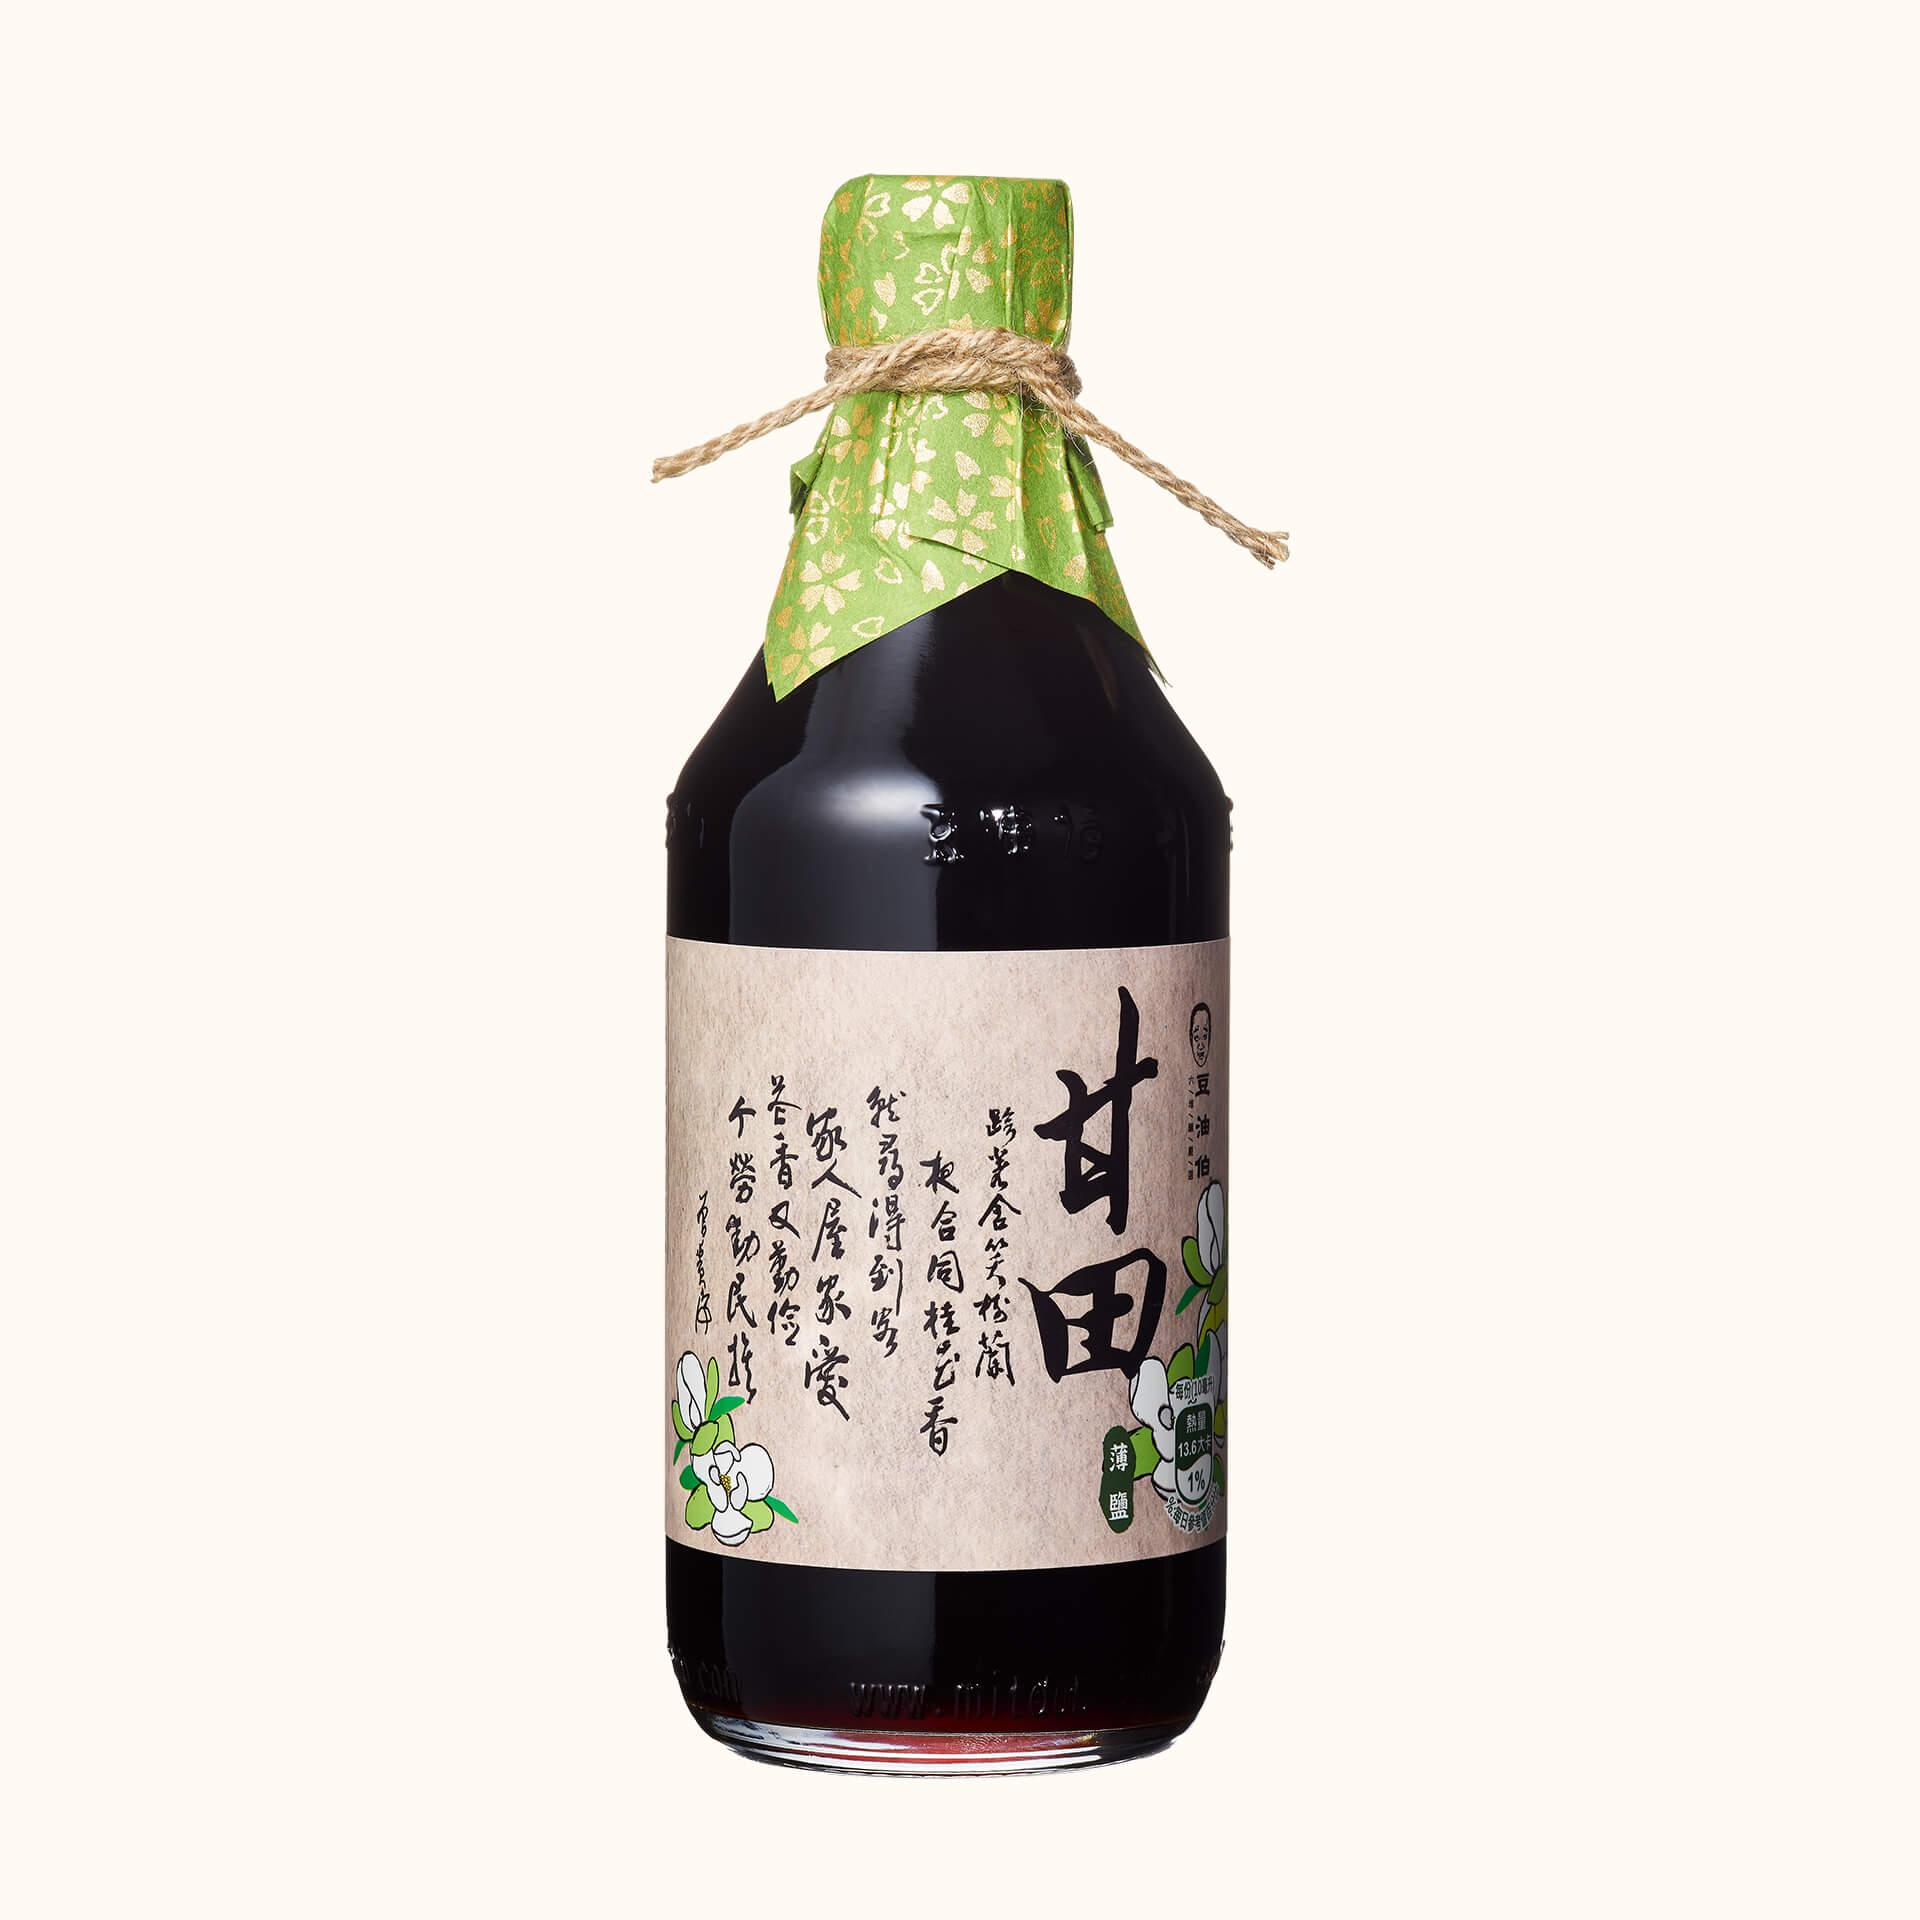 【窗花禮盒】缸底醬油4入+甘田醬油4入(禮盒4組,共8入)(不挑色)